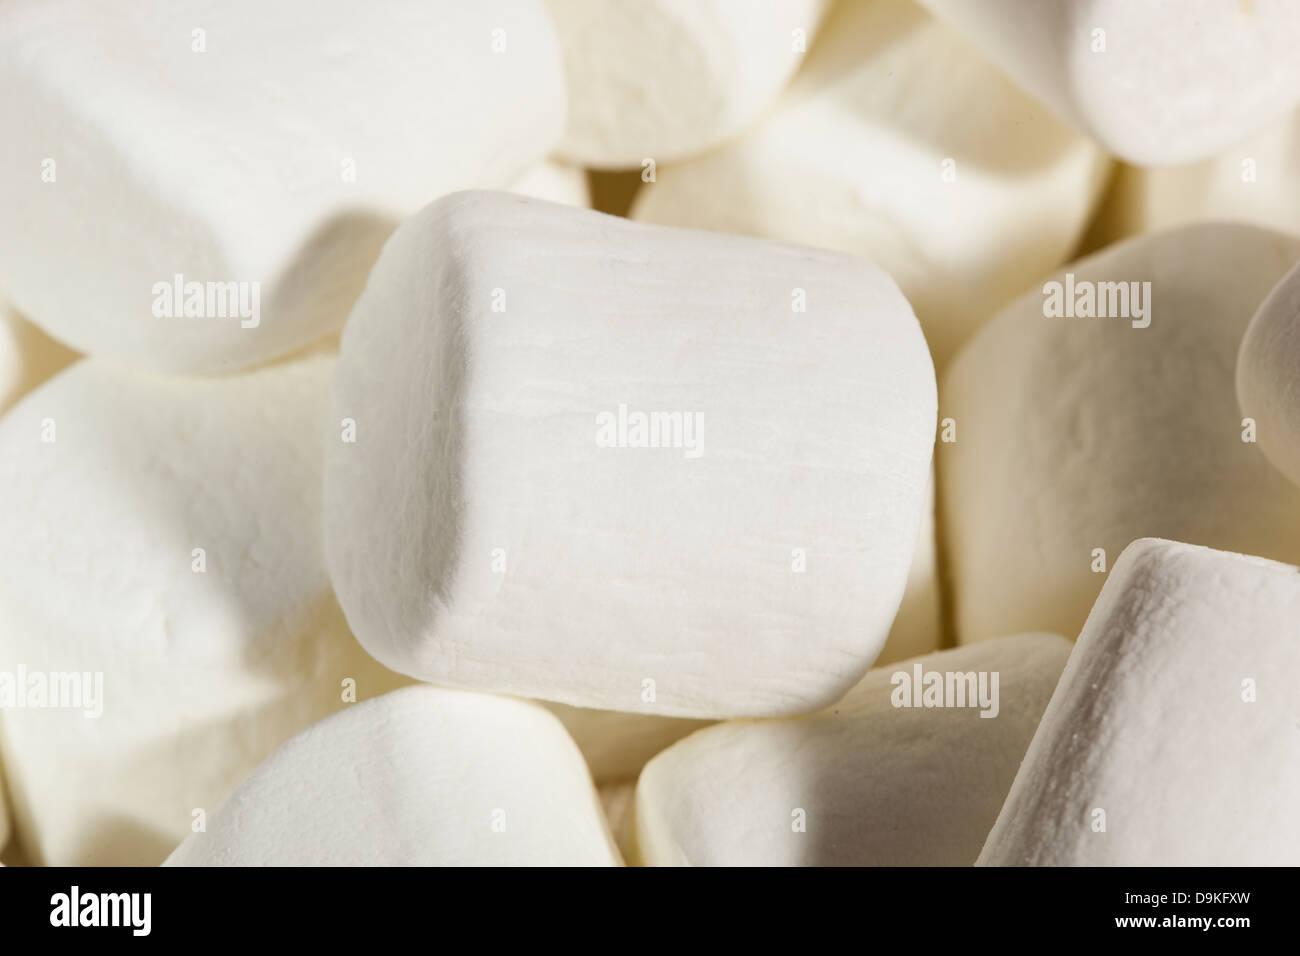 Delicious White Fluffy Round Marshmallows ready to eat Stock Photo